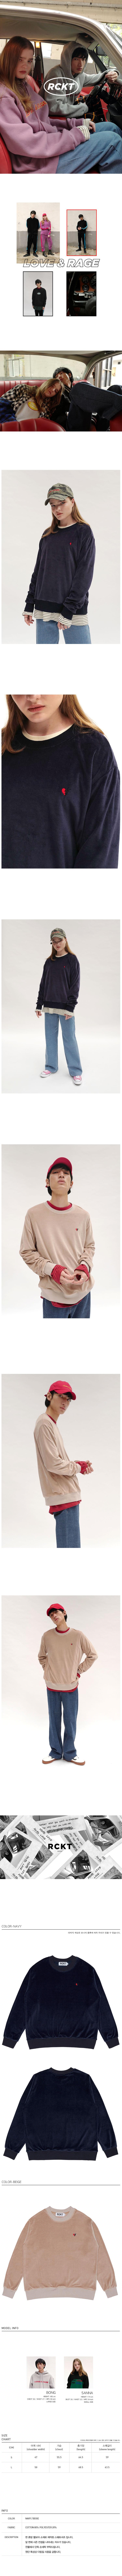 알씨케이티(RCKT) 벨보아 스웨트셔츠